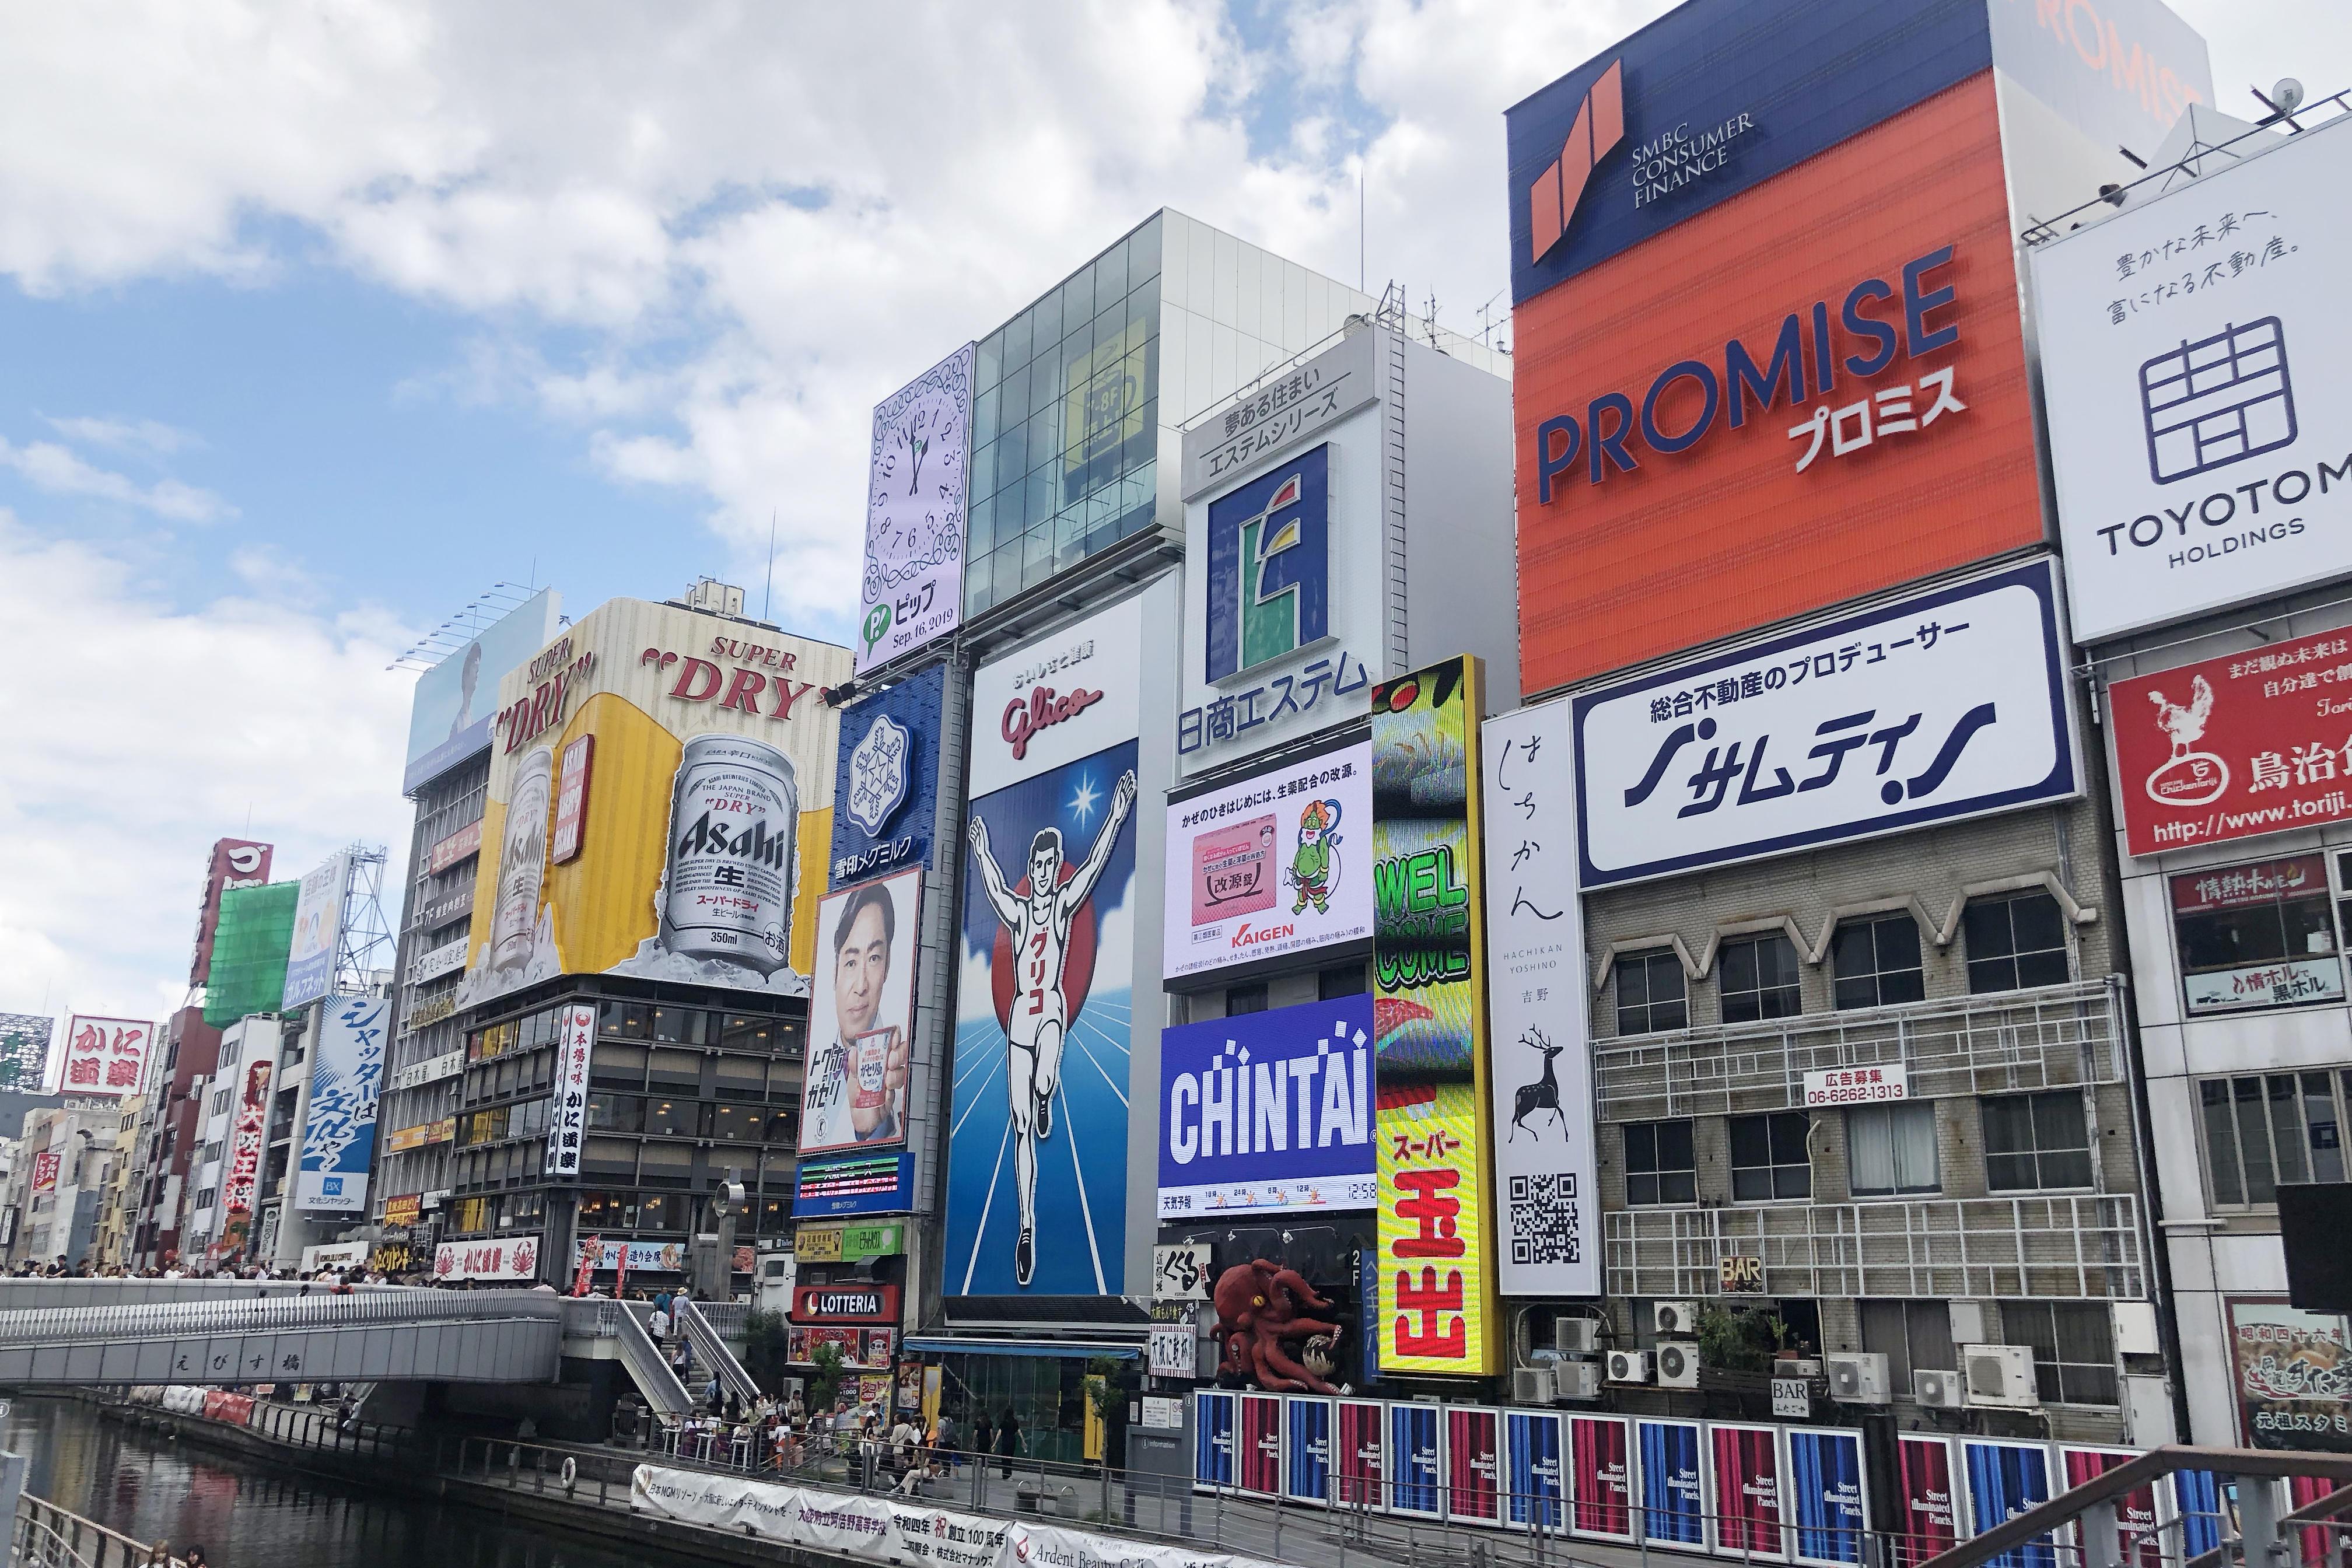 案外知らない?食を中心に堪能する、大阪ライブ会場周辺おすすめスポット